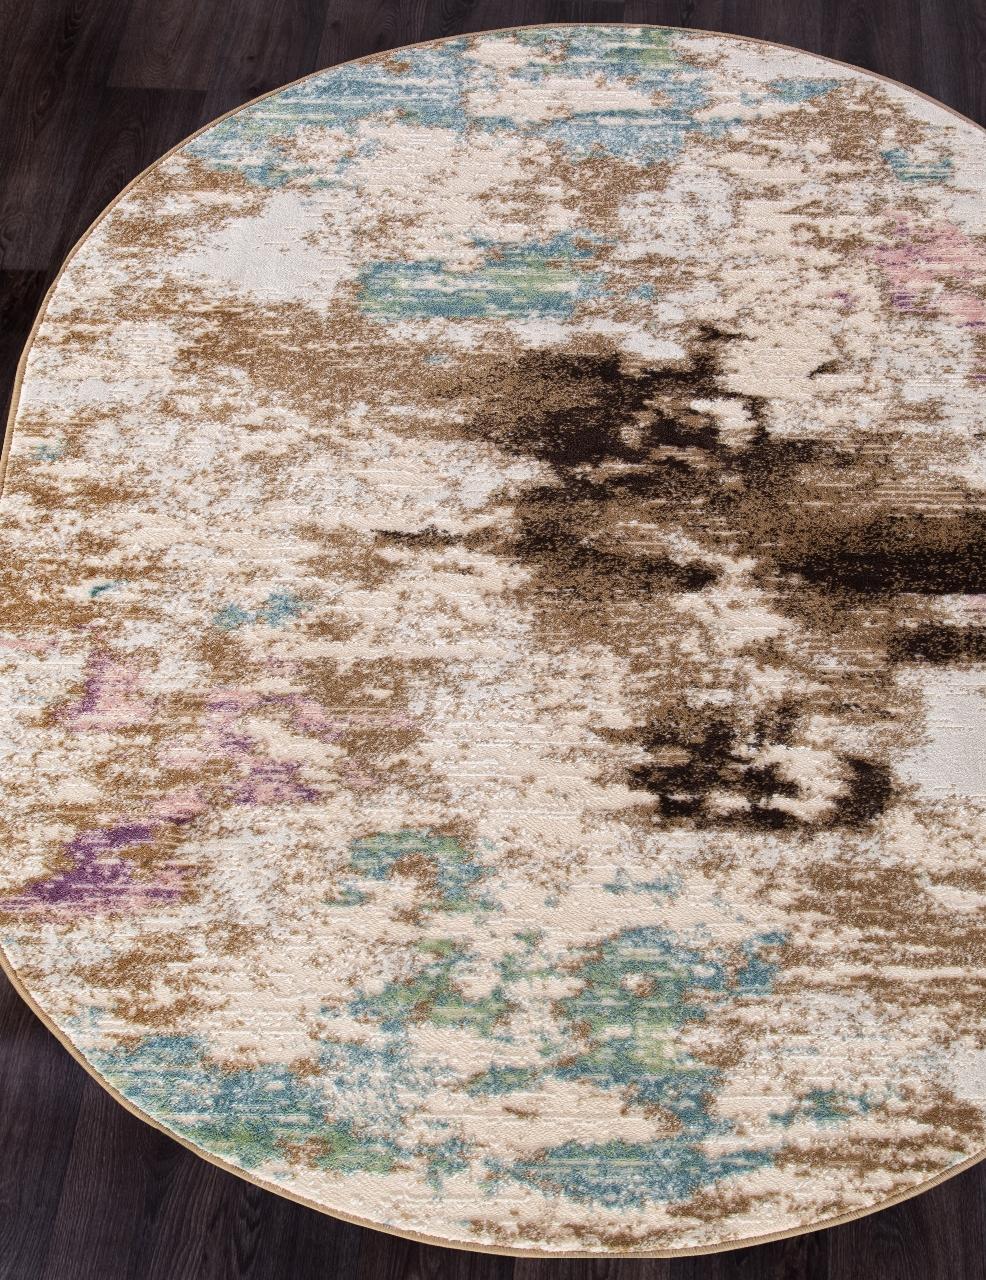 Ковер D734 - BEIGE - Овал - коллекция ROXY WF - фото 1